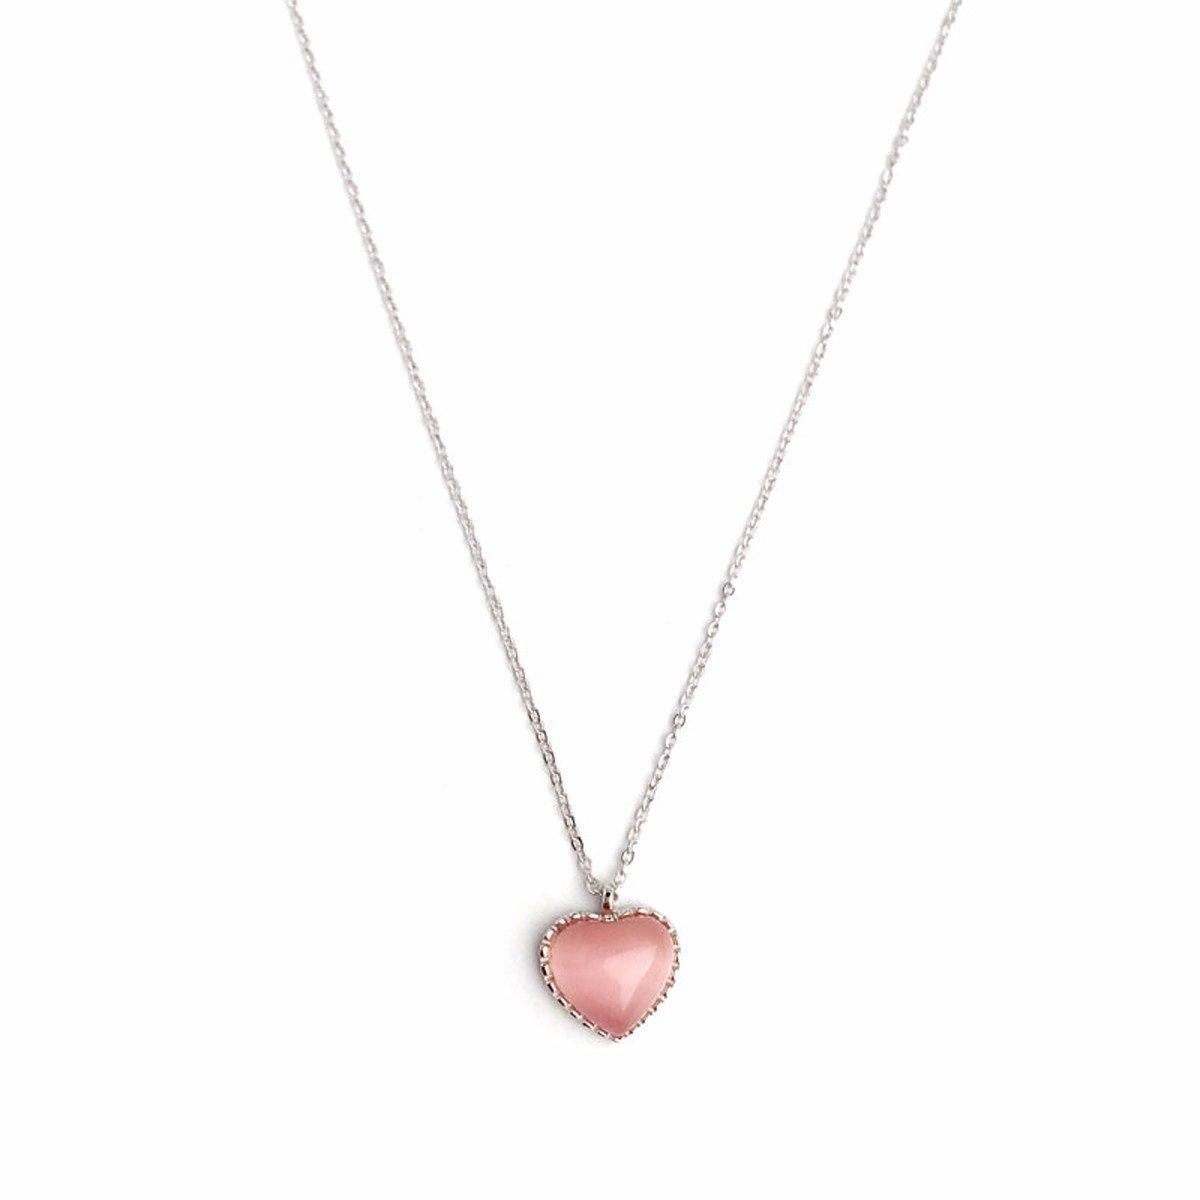 69b717a99c13 KUNQ-Joyas Collar De Plata 925 Joyas De De De Plata Pura Simple Auténtica